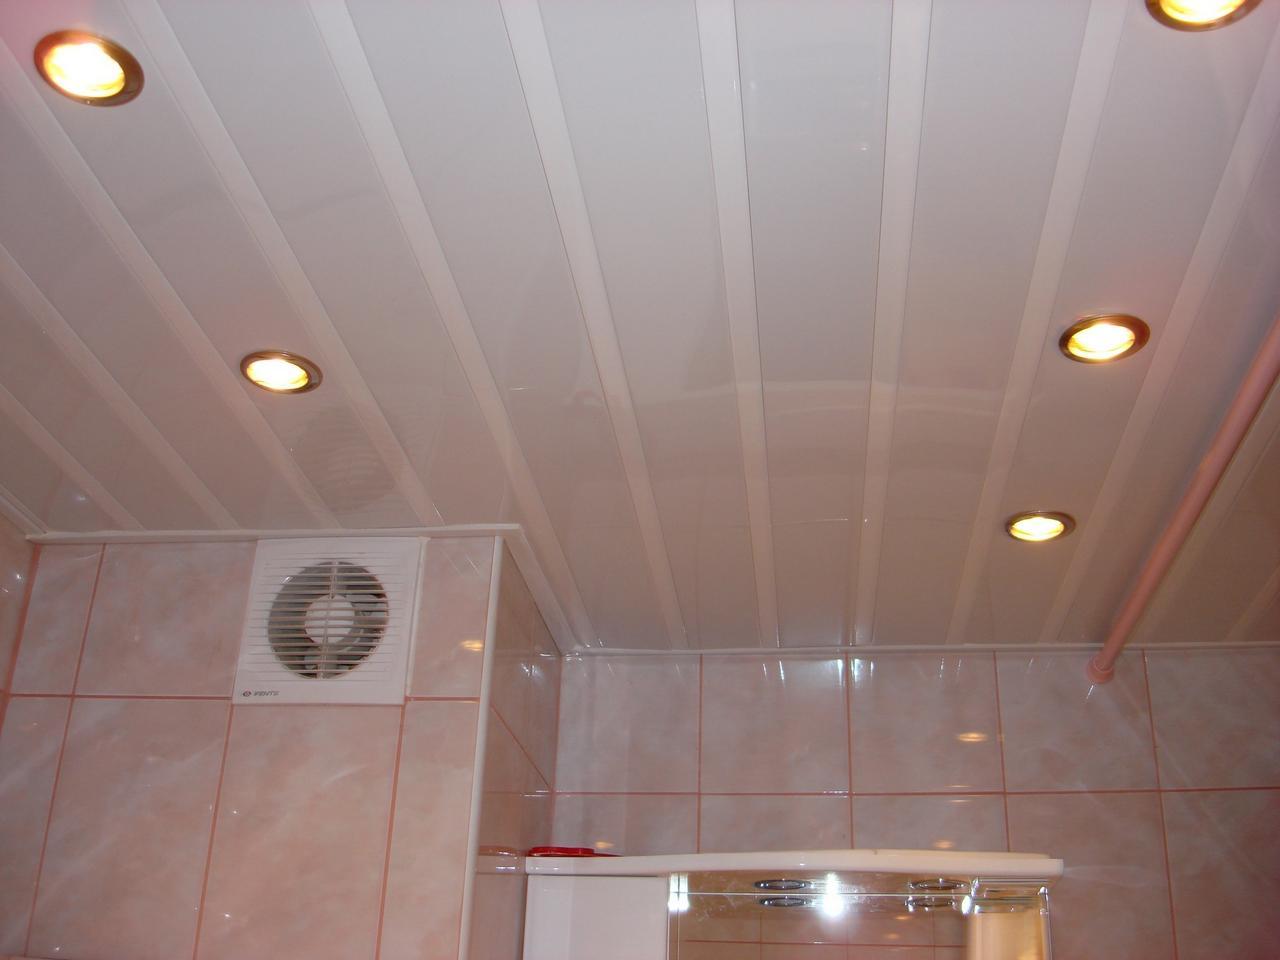 Подвесные потолки для кухни: монтаж своими руками 6